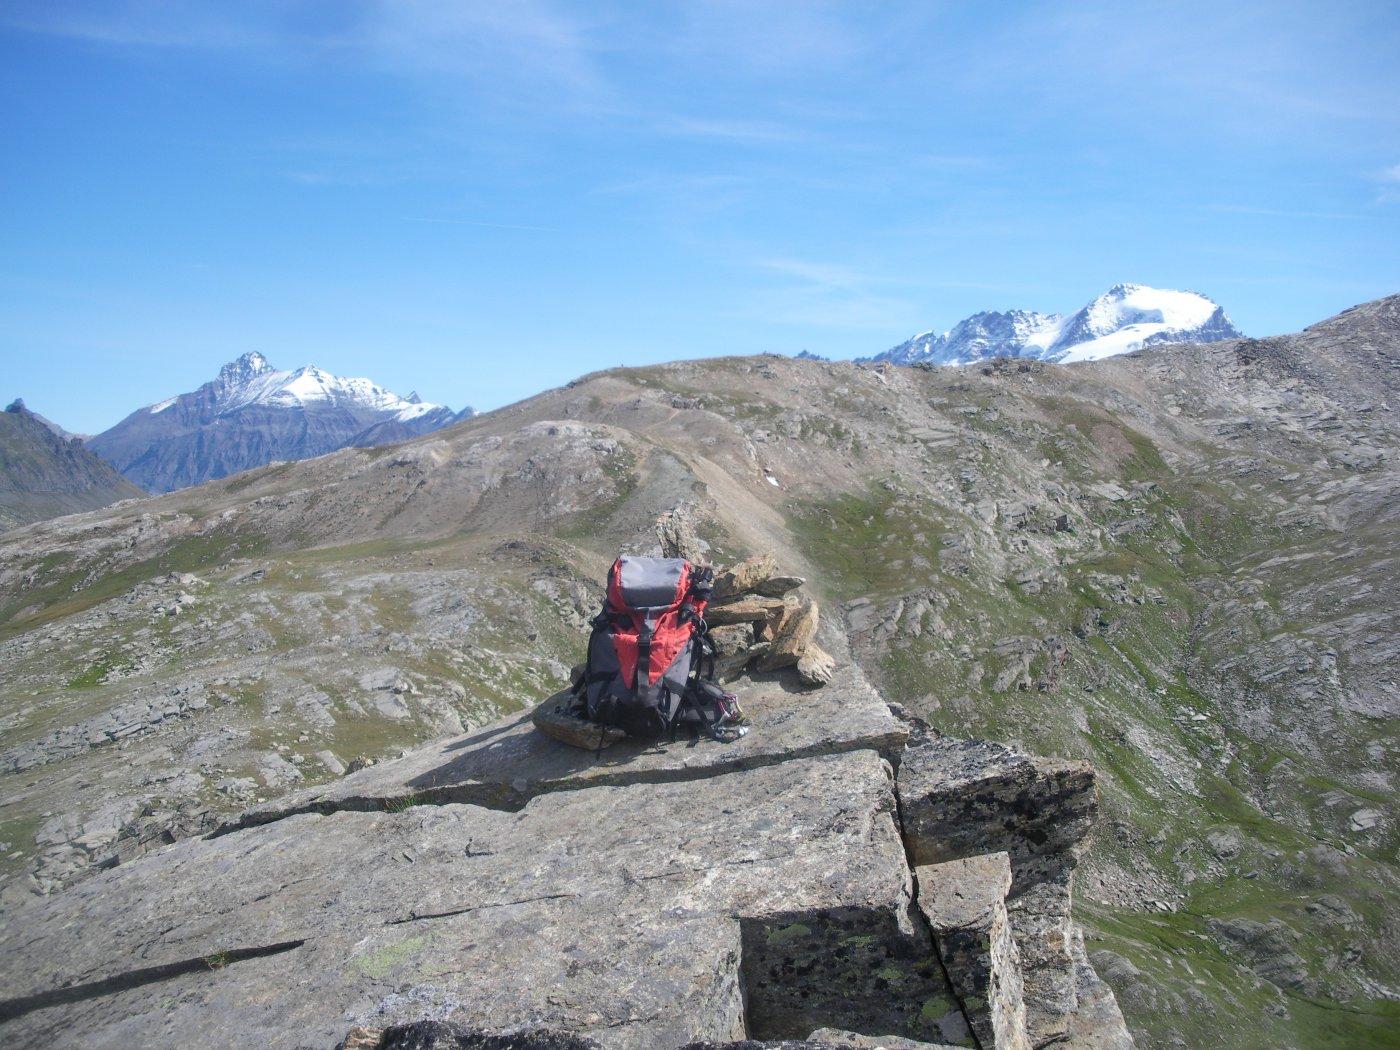 qui dove ha termine la traversata con Grivola e Grampa al fondo leggermente spolverate di fresco..